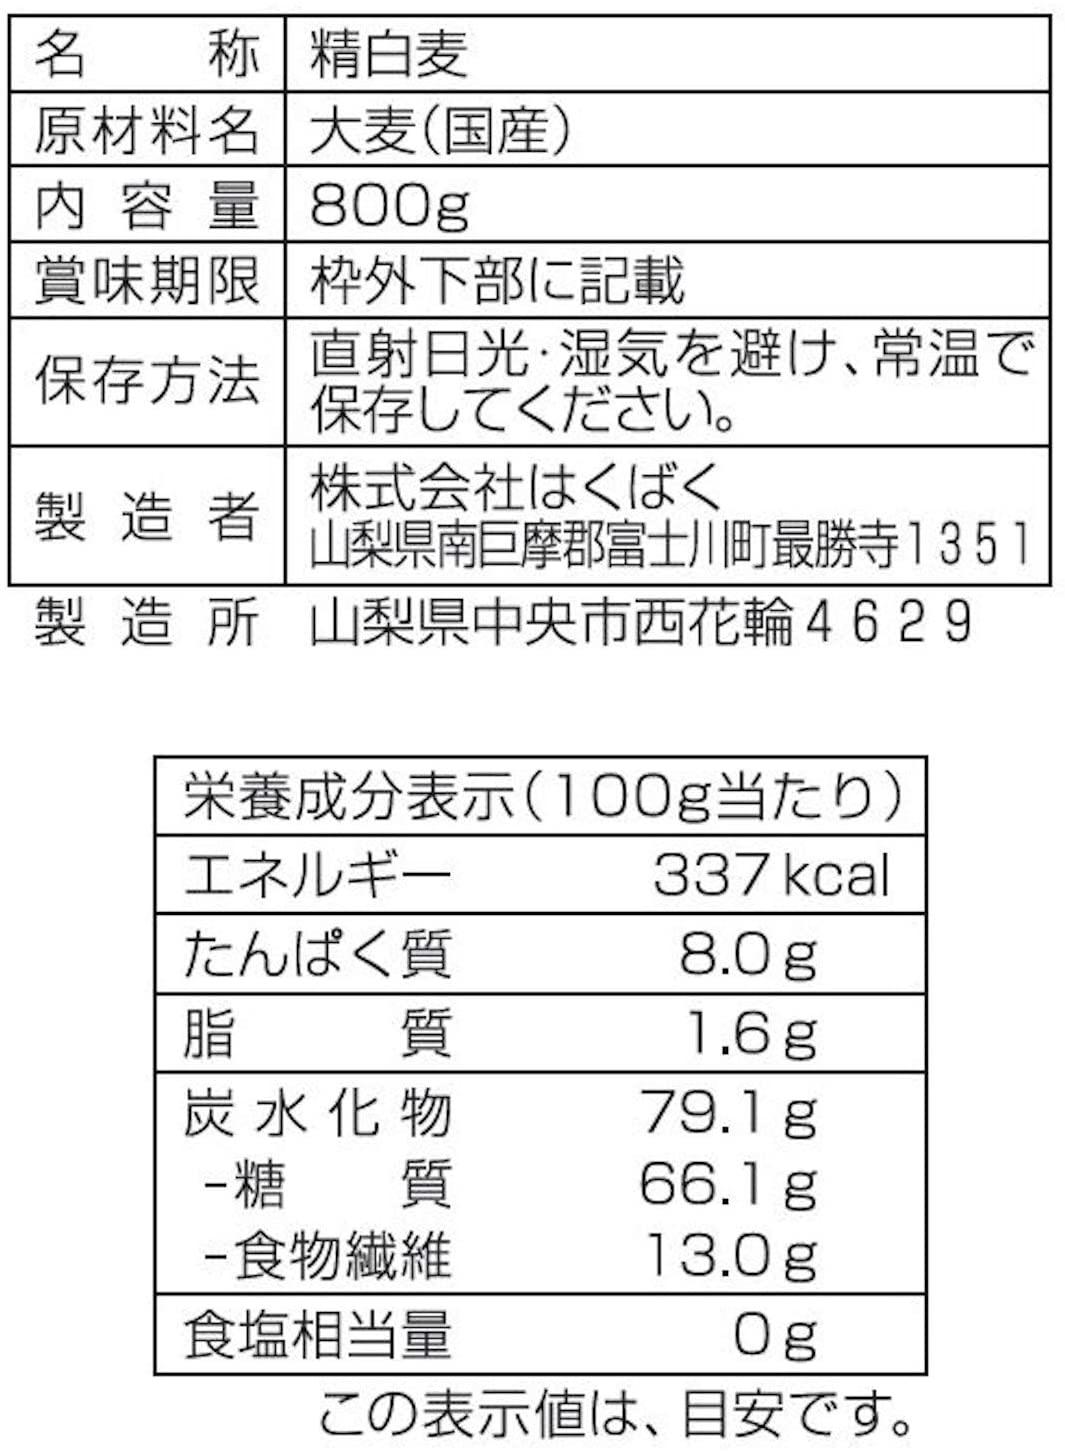 【定期購入】国産もち麦 800g